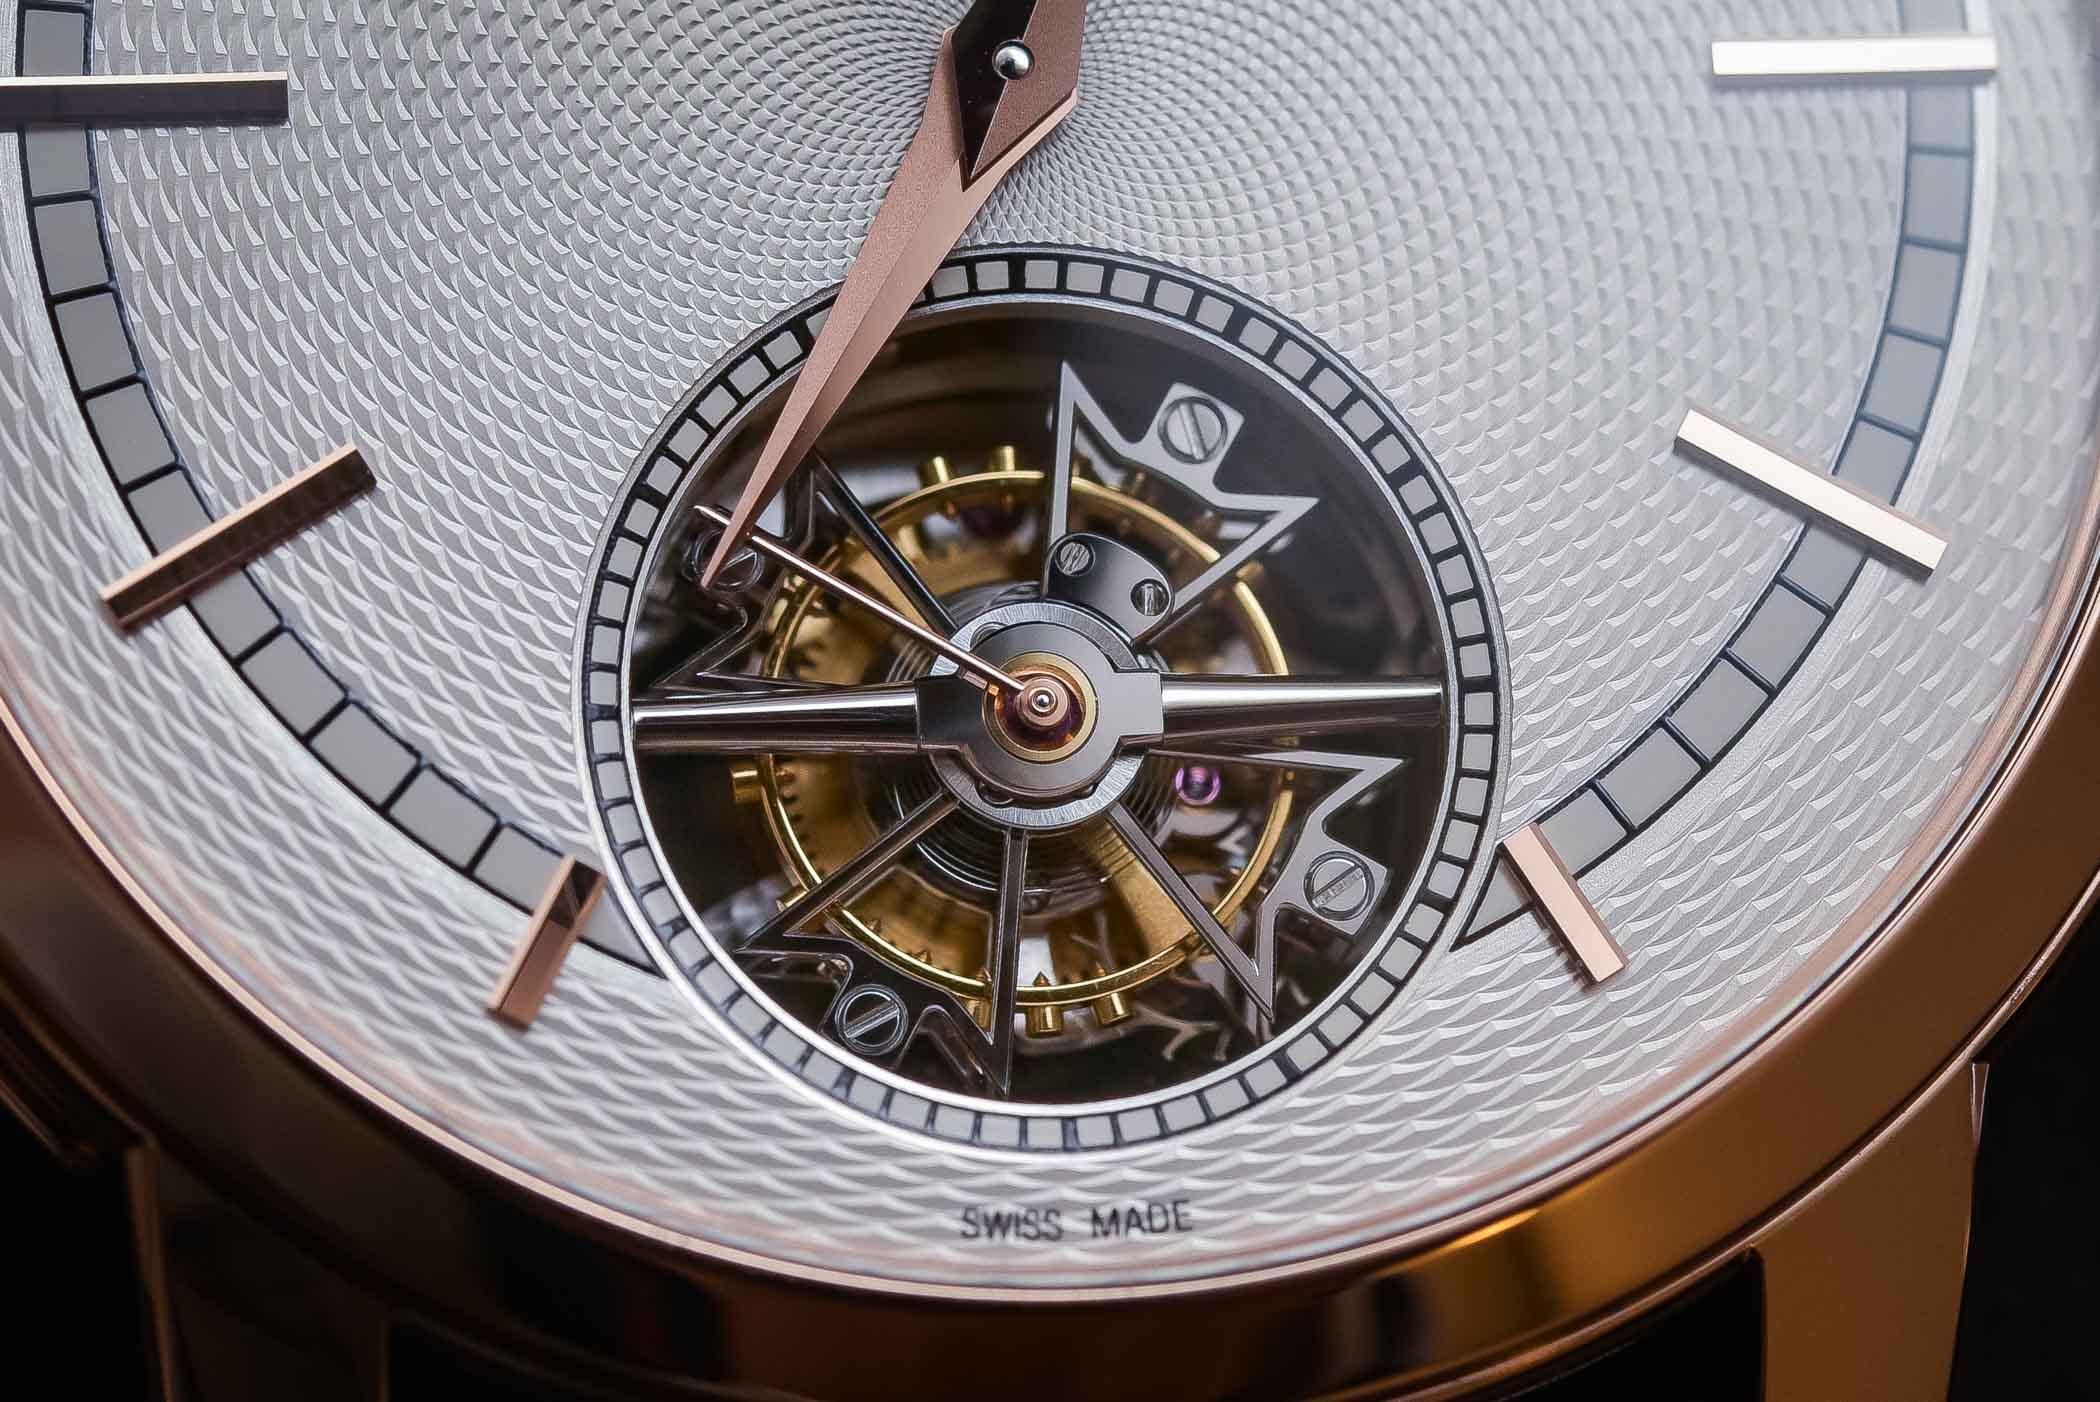 Vacheron Constantin traditionnelle minute repeater tourbillon 6500t